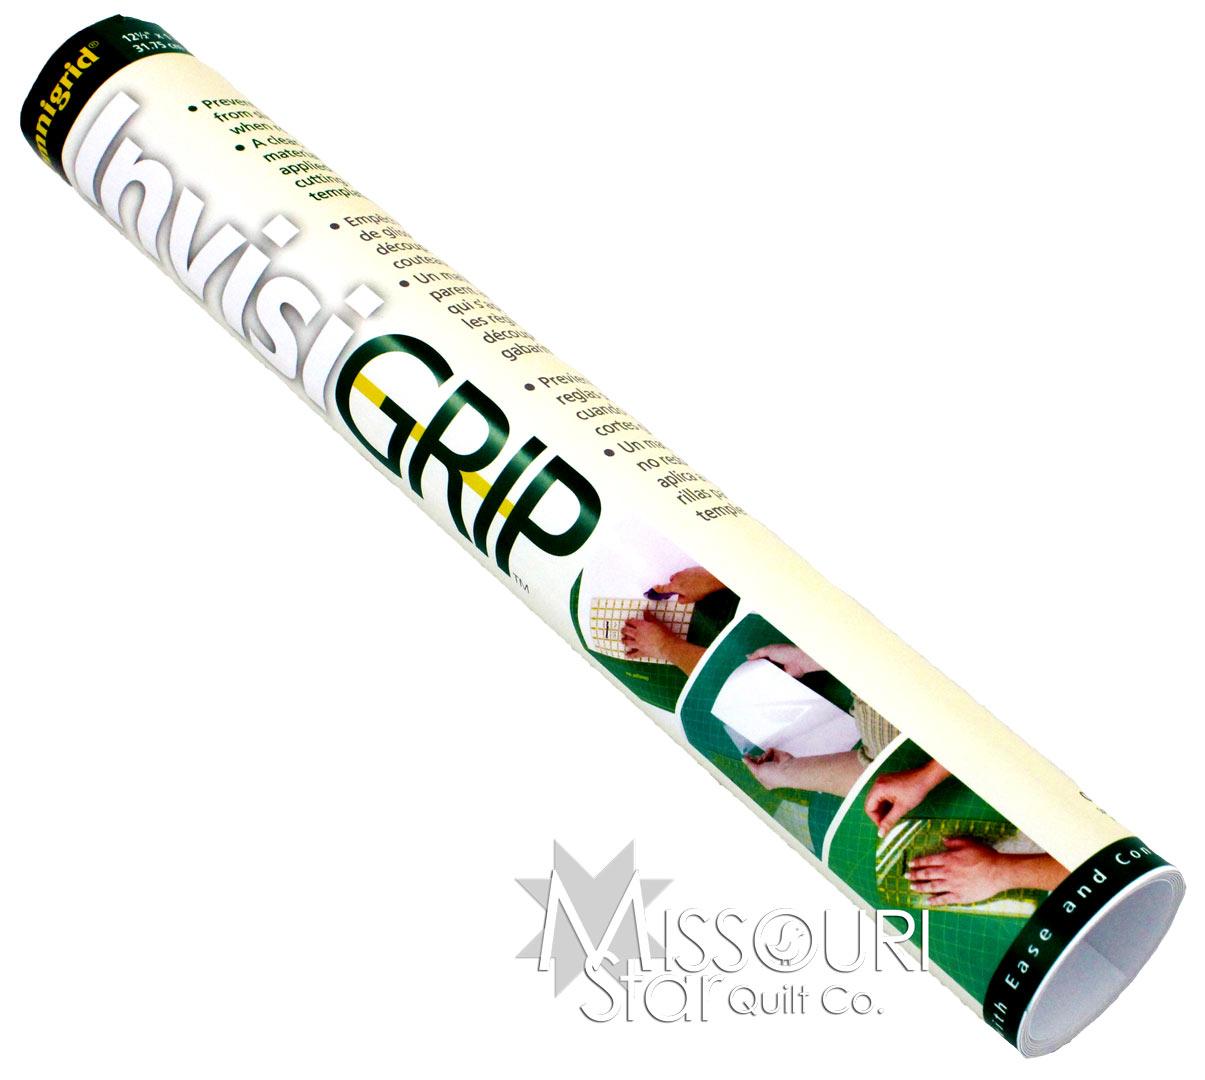 Invisi-Grip Non Slip Material 12 1/2 x 1yd - Omnigrid